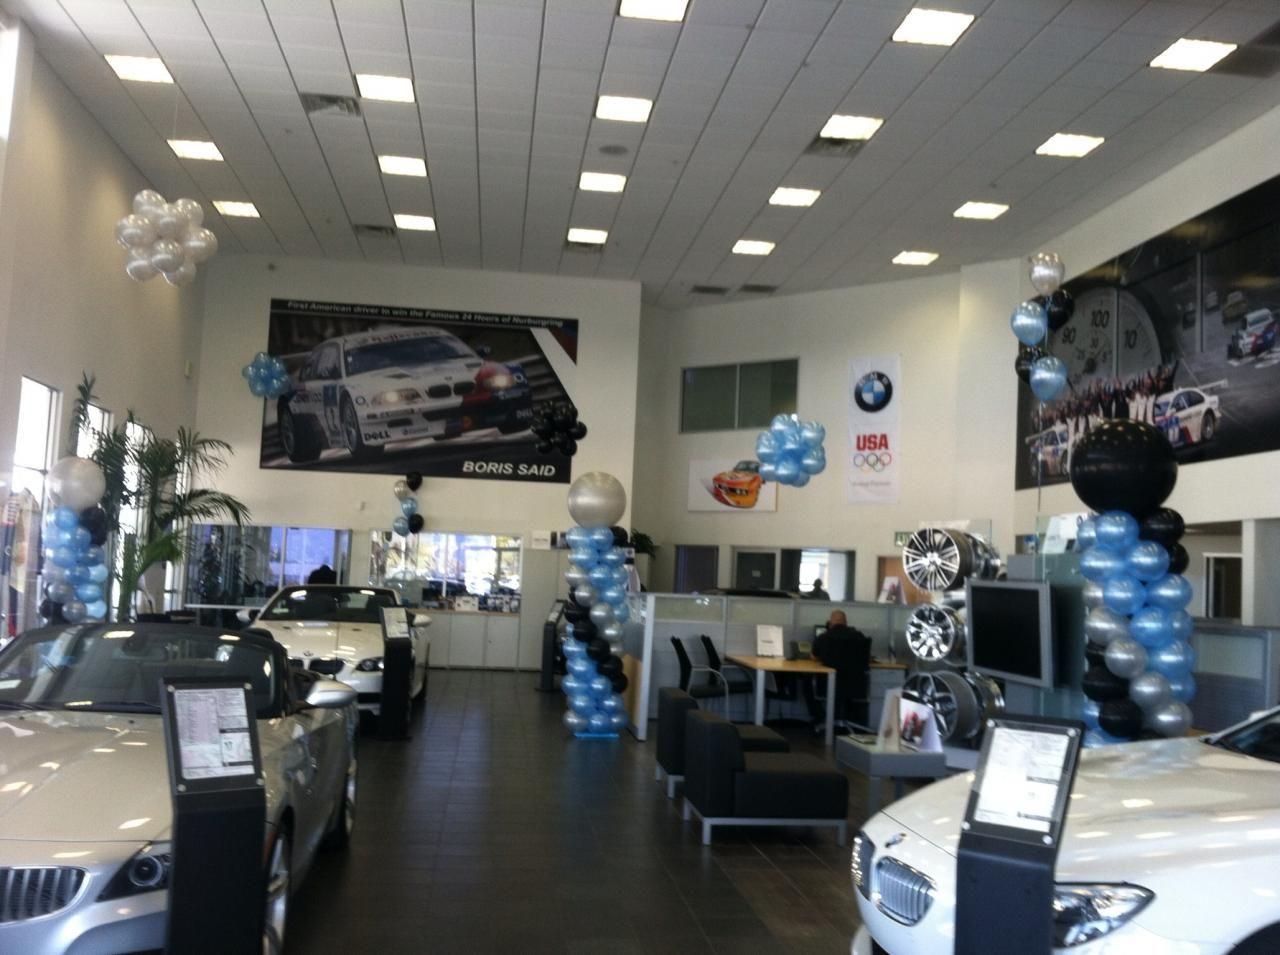 Yahoo Login Bmw Balloon Cars Home Decor